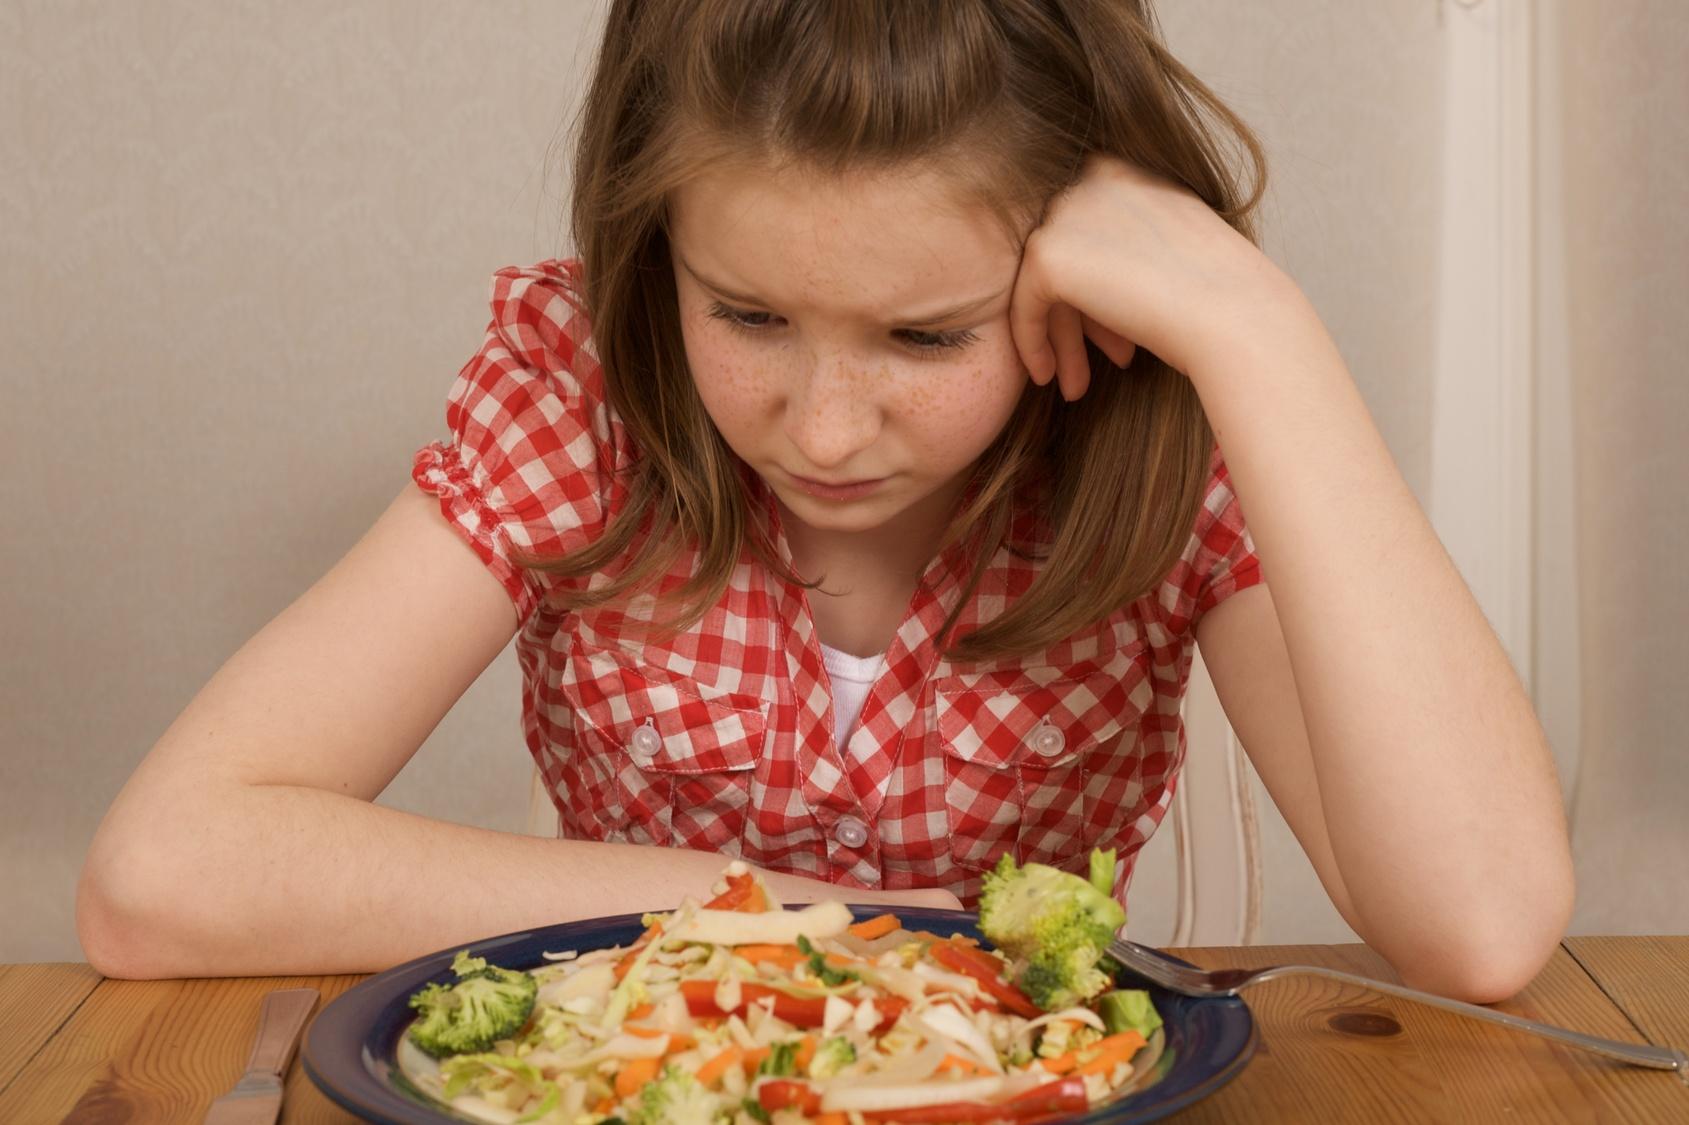 trastorno conducta alimentaria Las Rozas